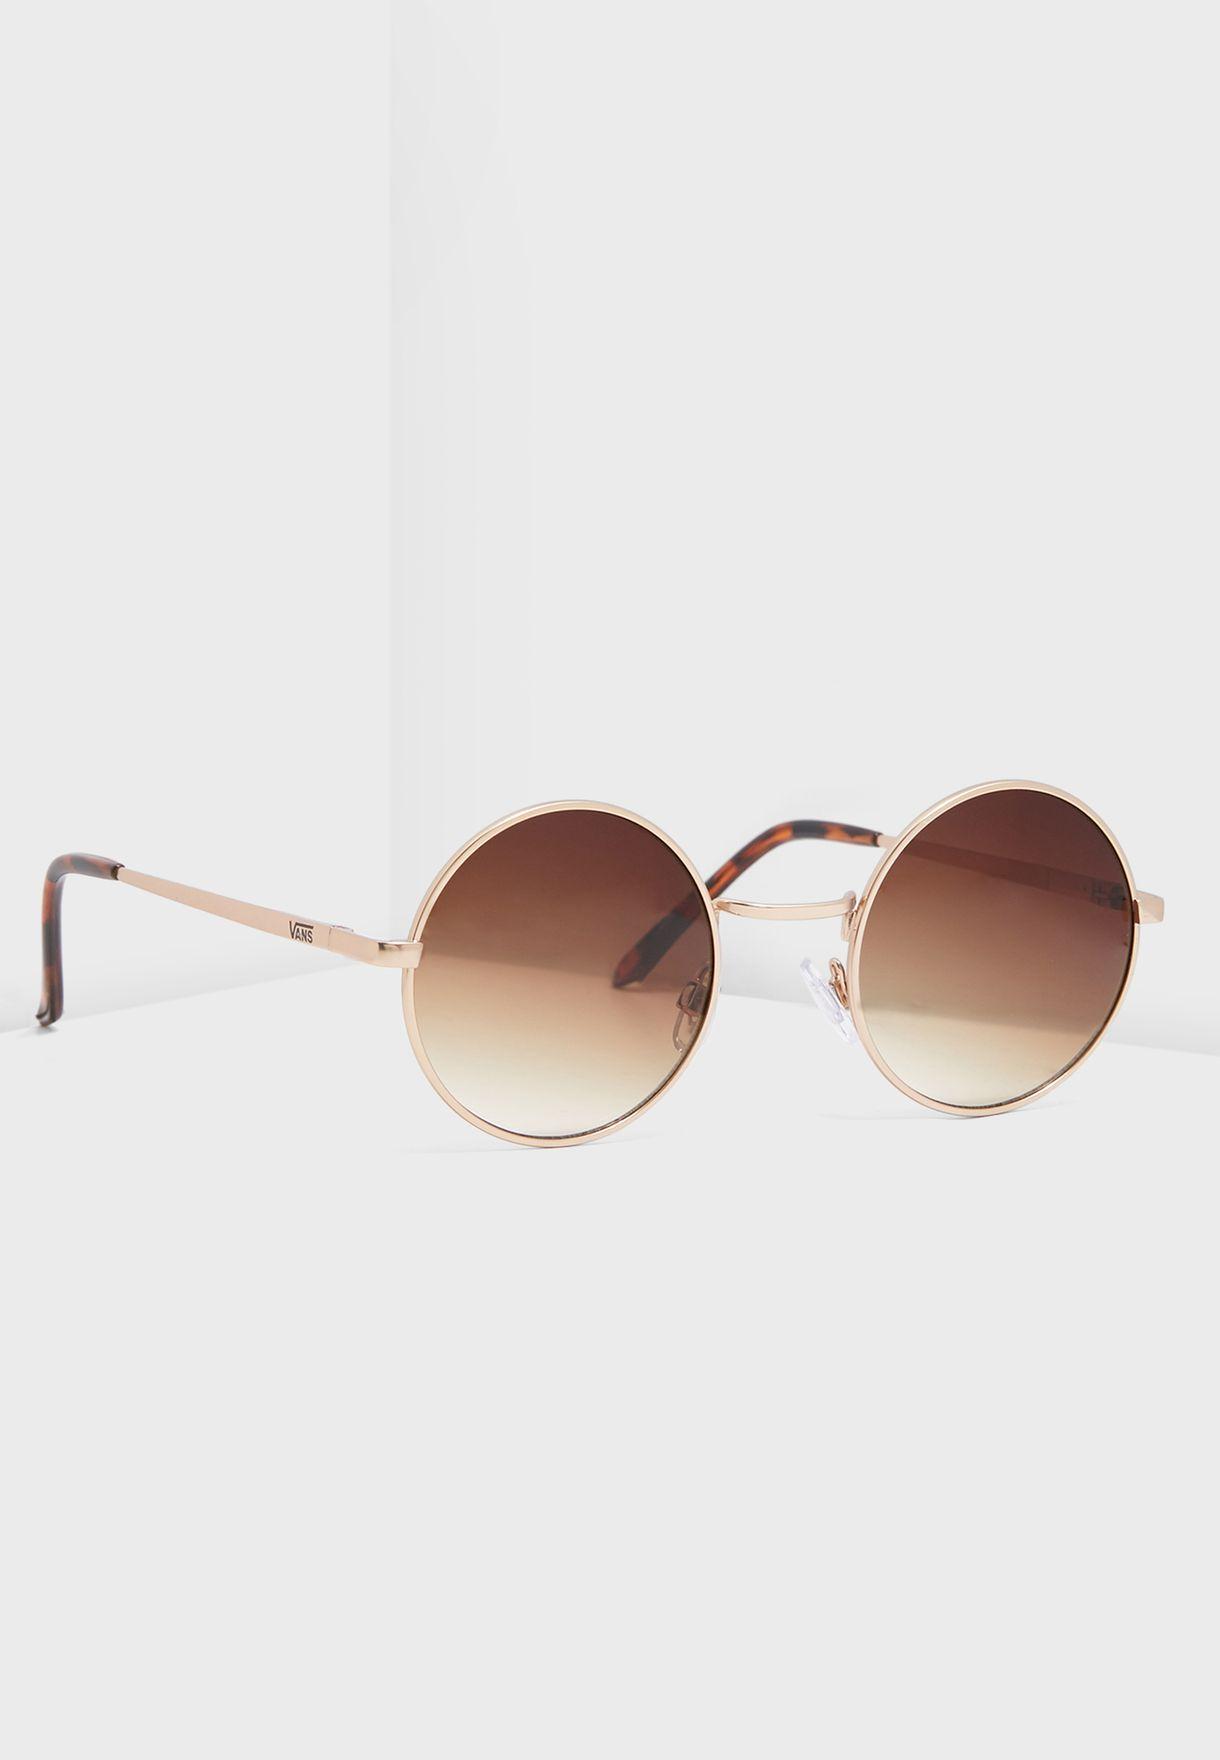 Gundry Sunglasses